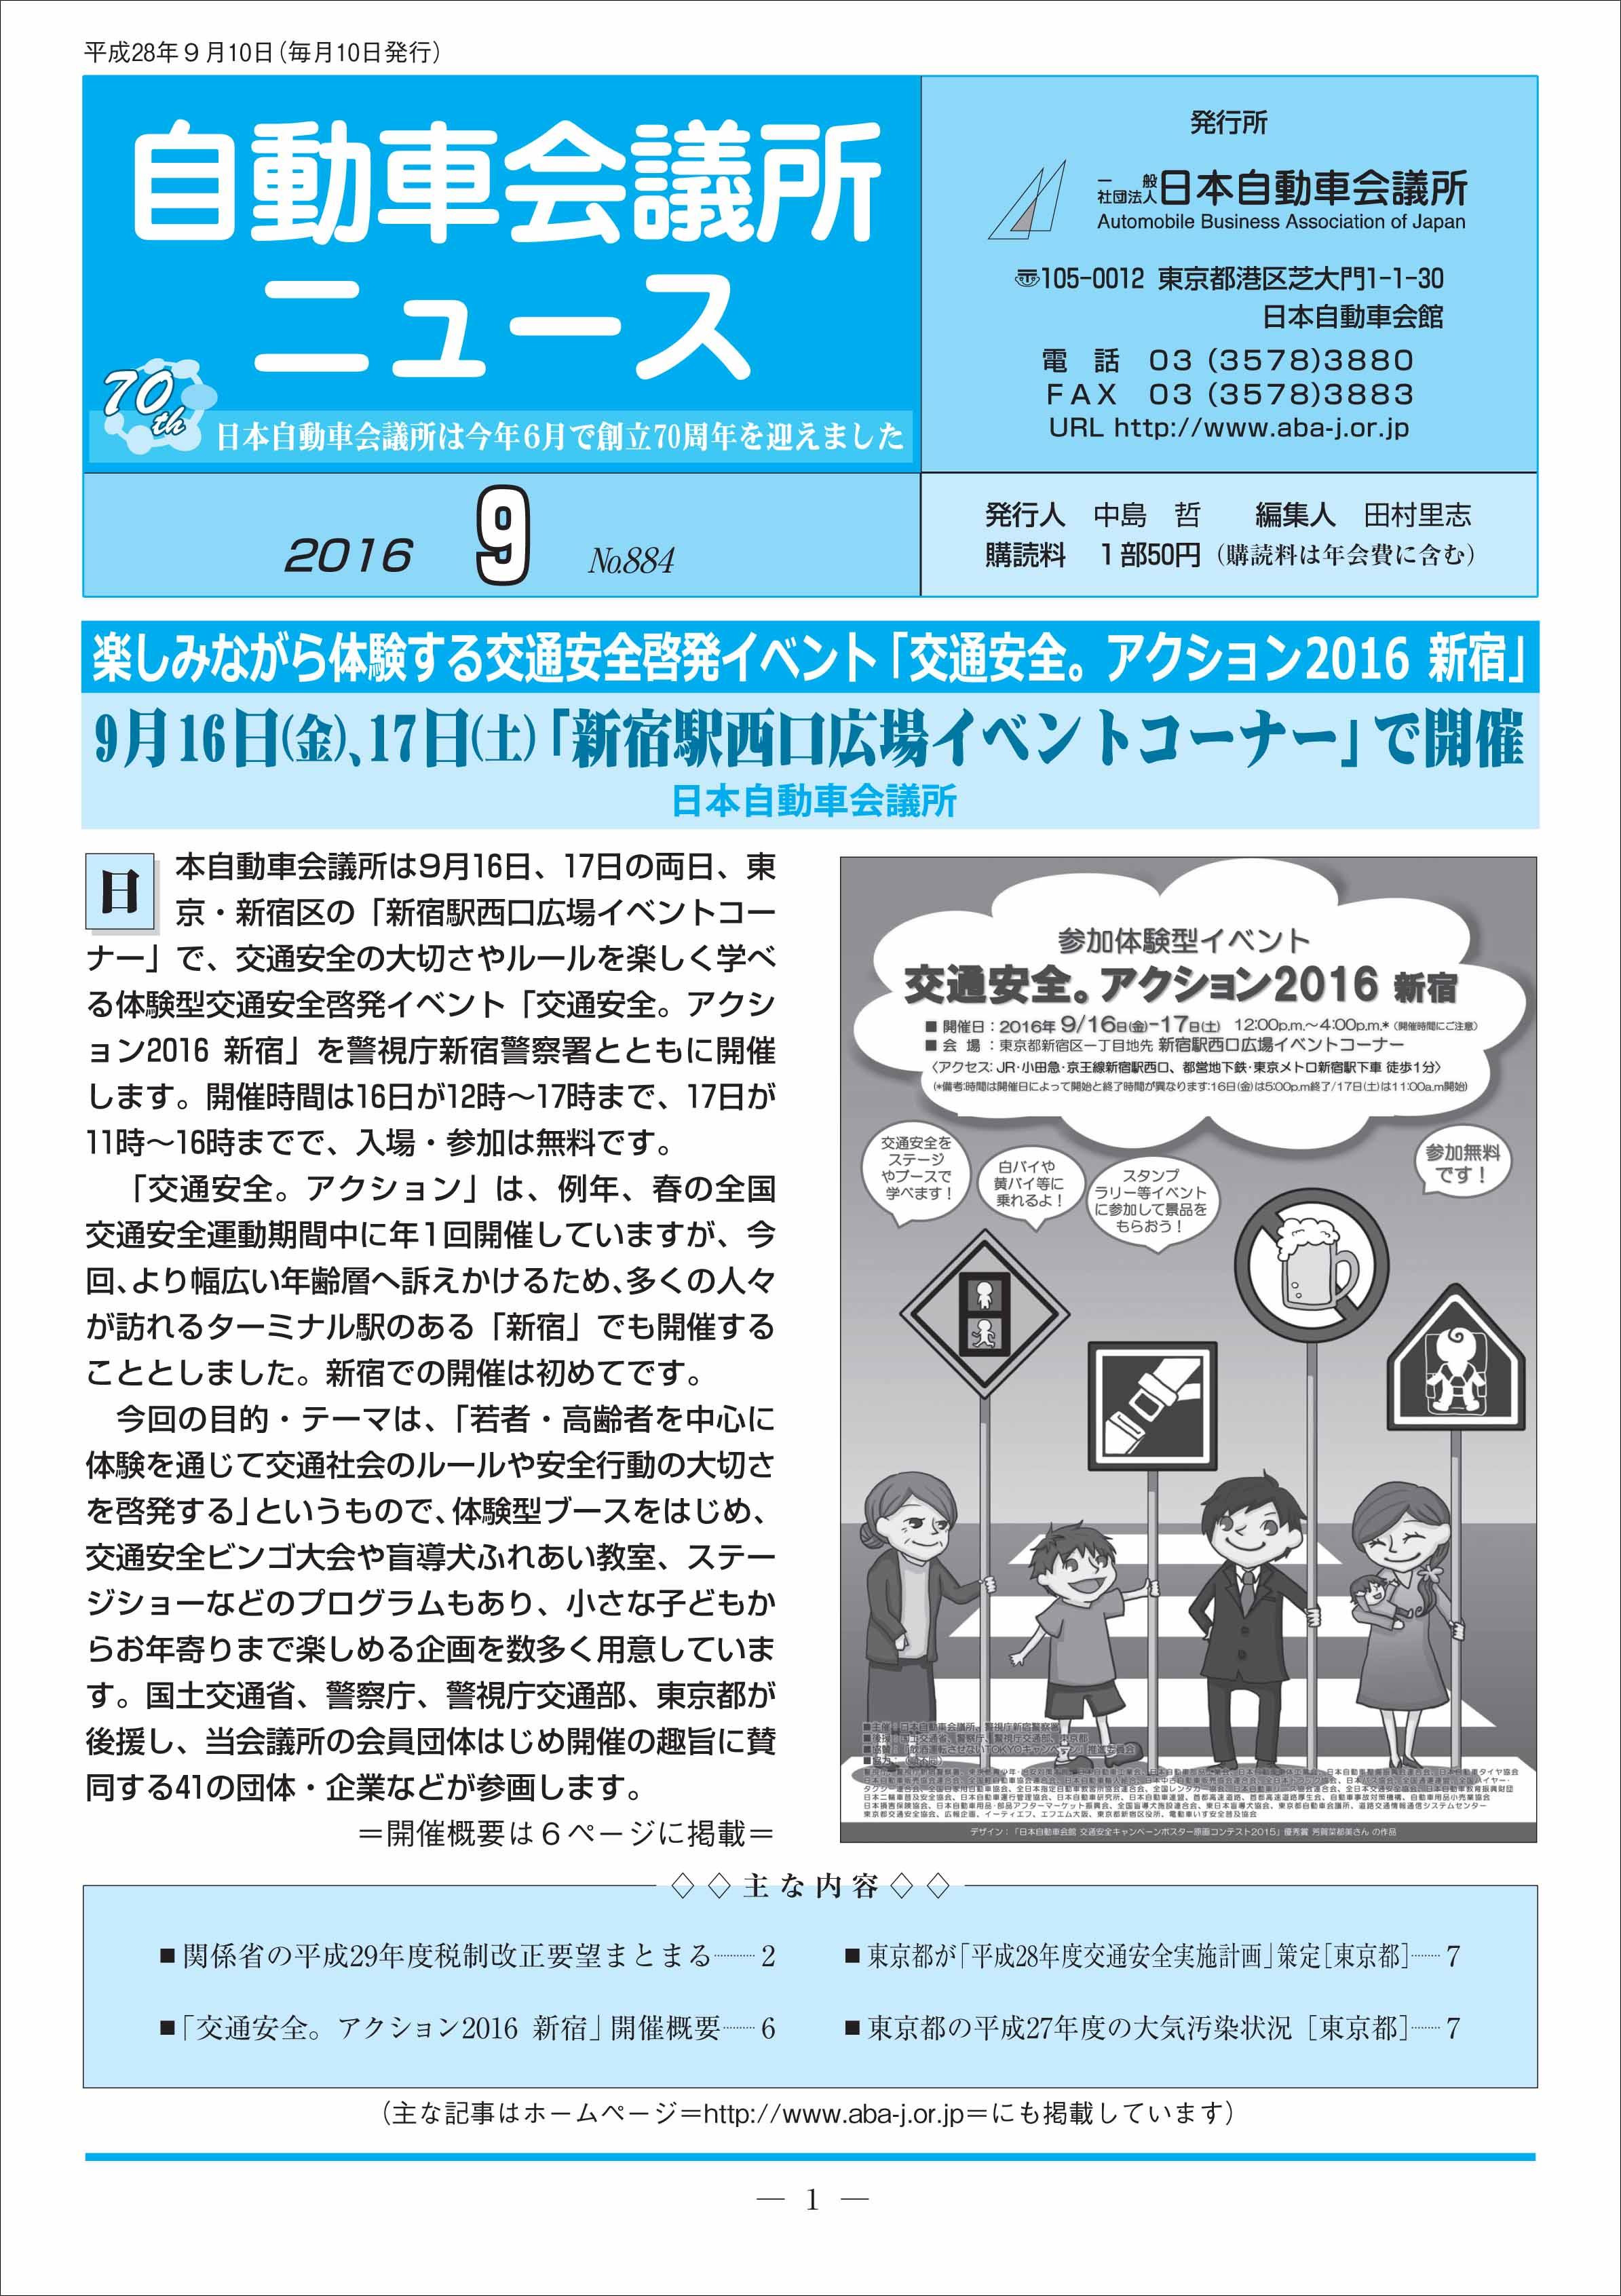 会報「自動車会議所ニュース」2016年9月号を掲載